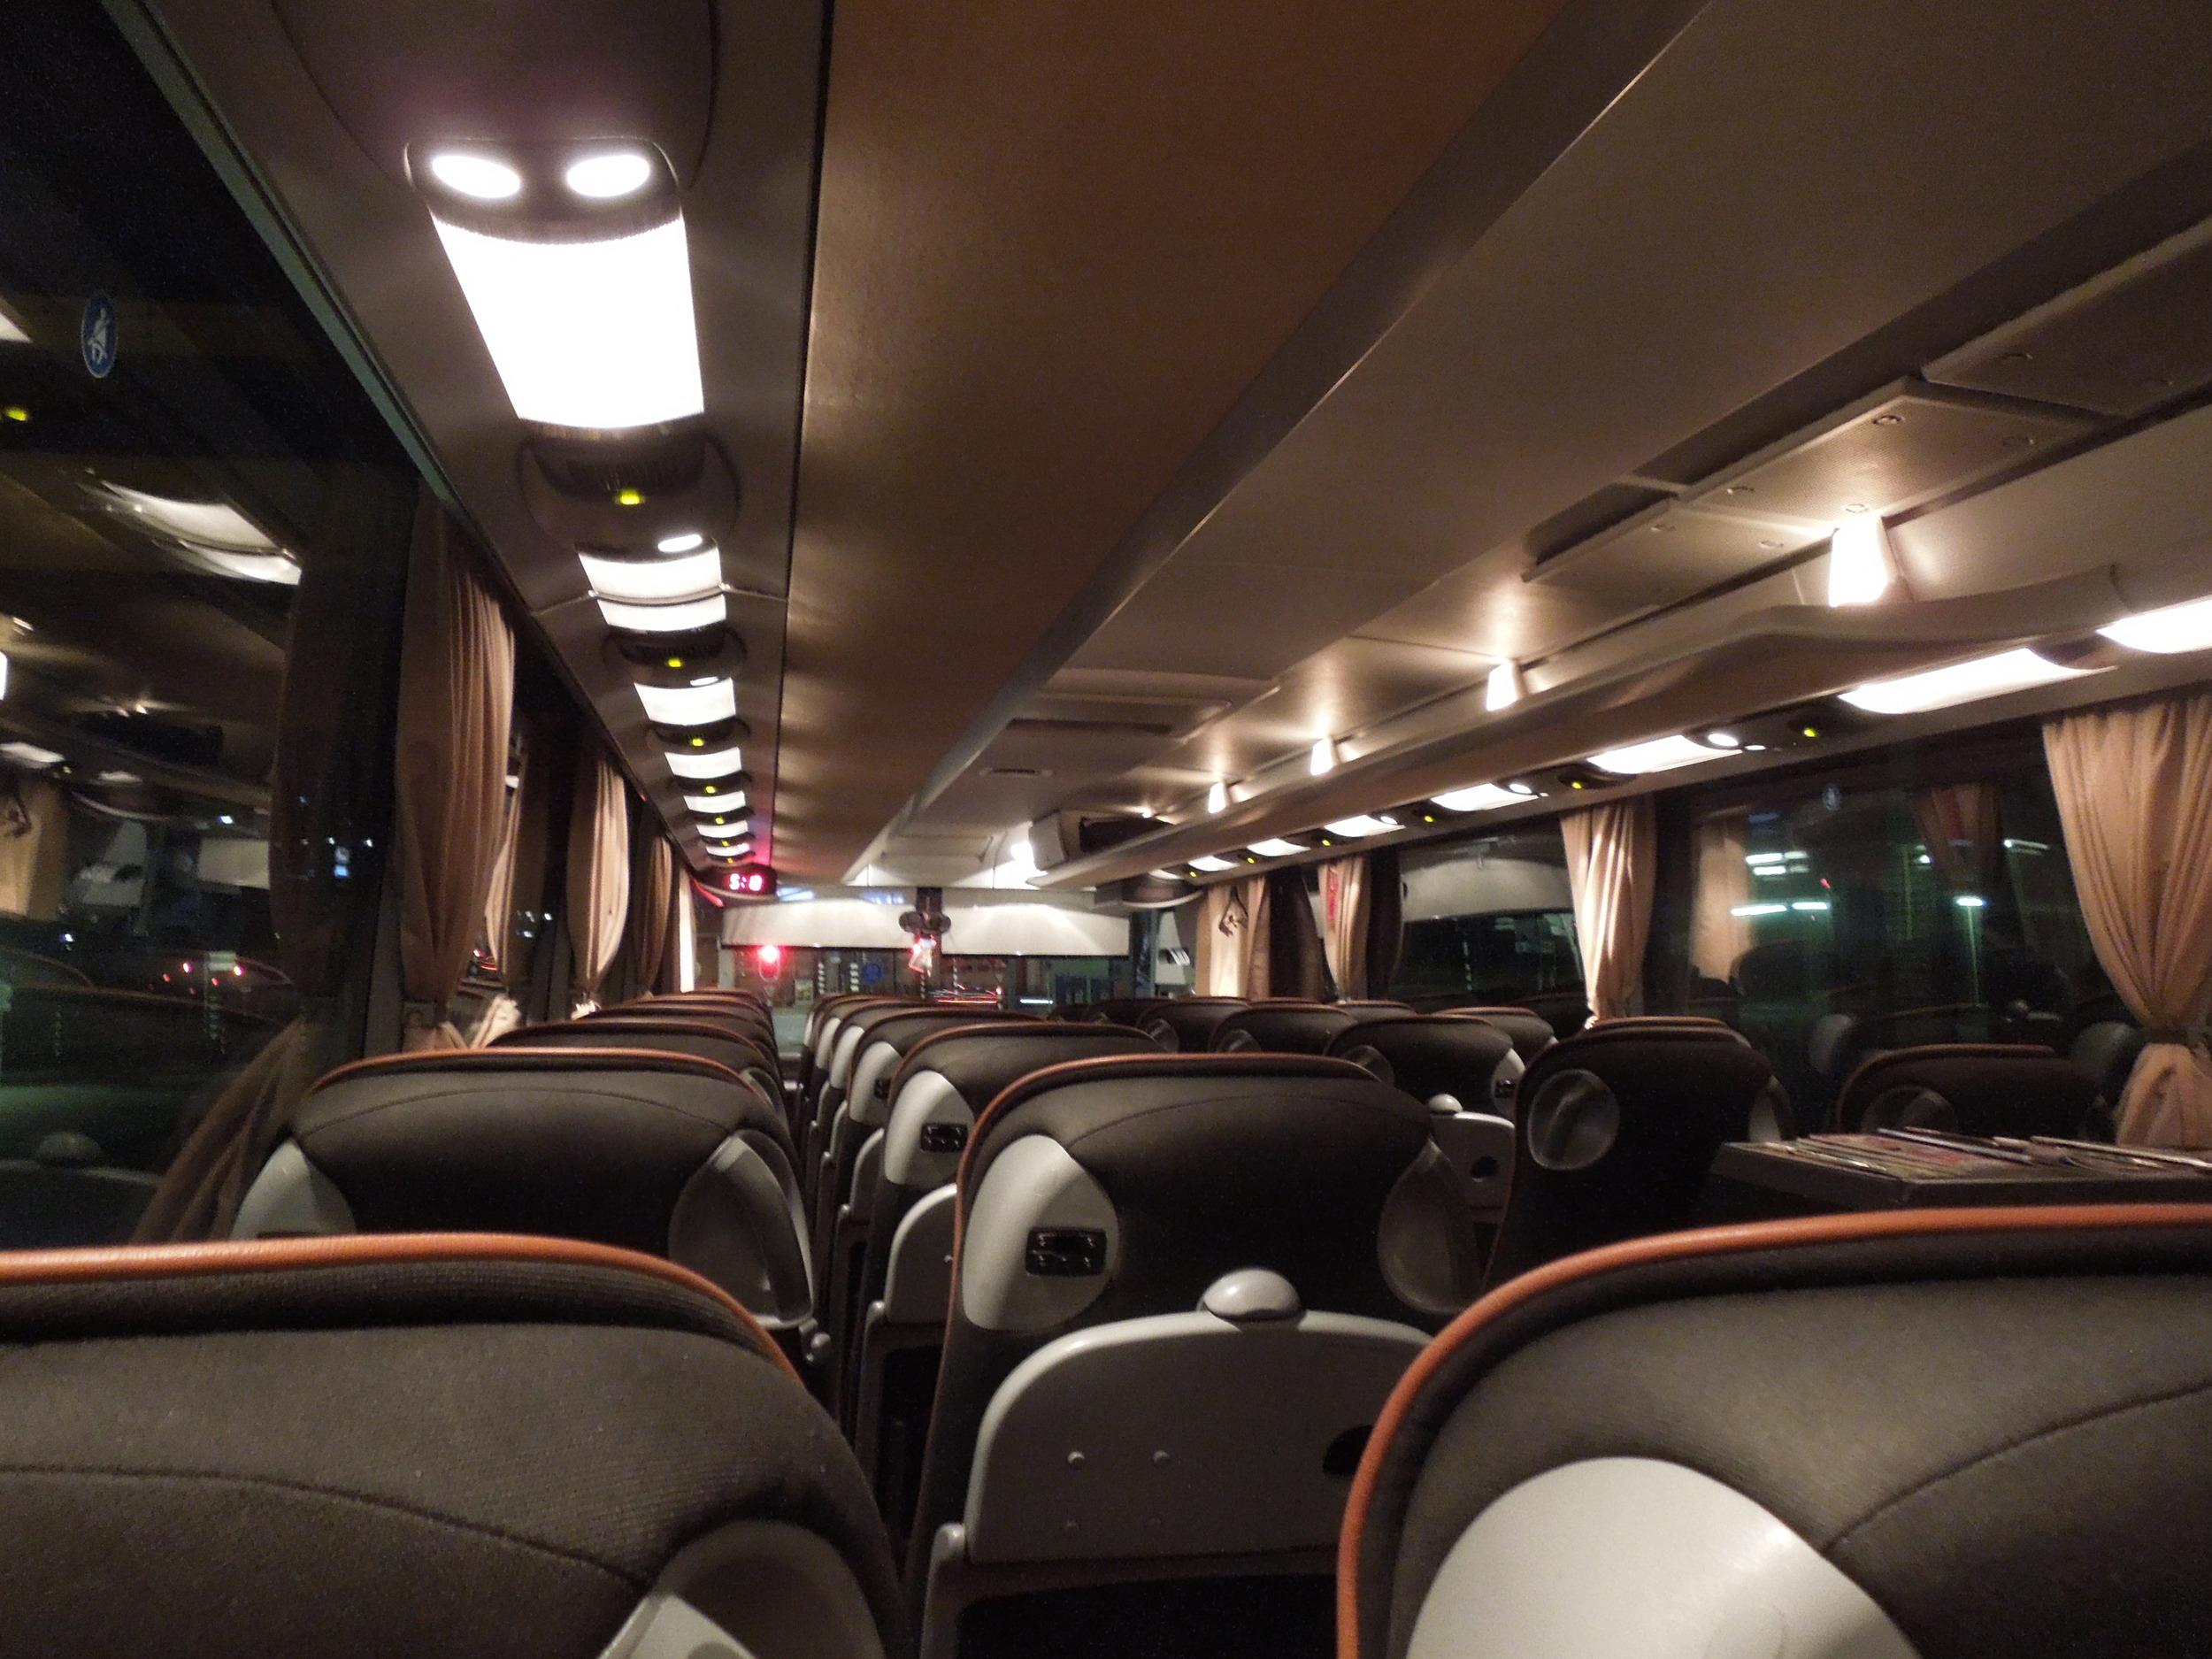 Bus from Rotterdam to Copenhagen